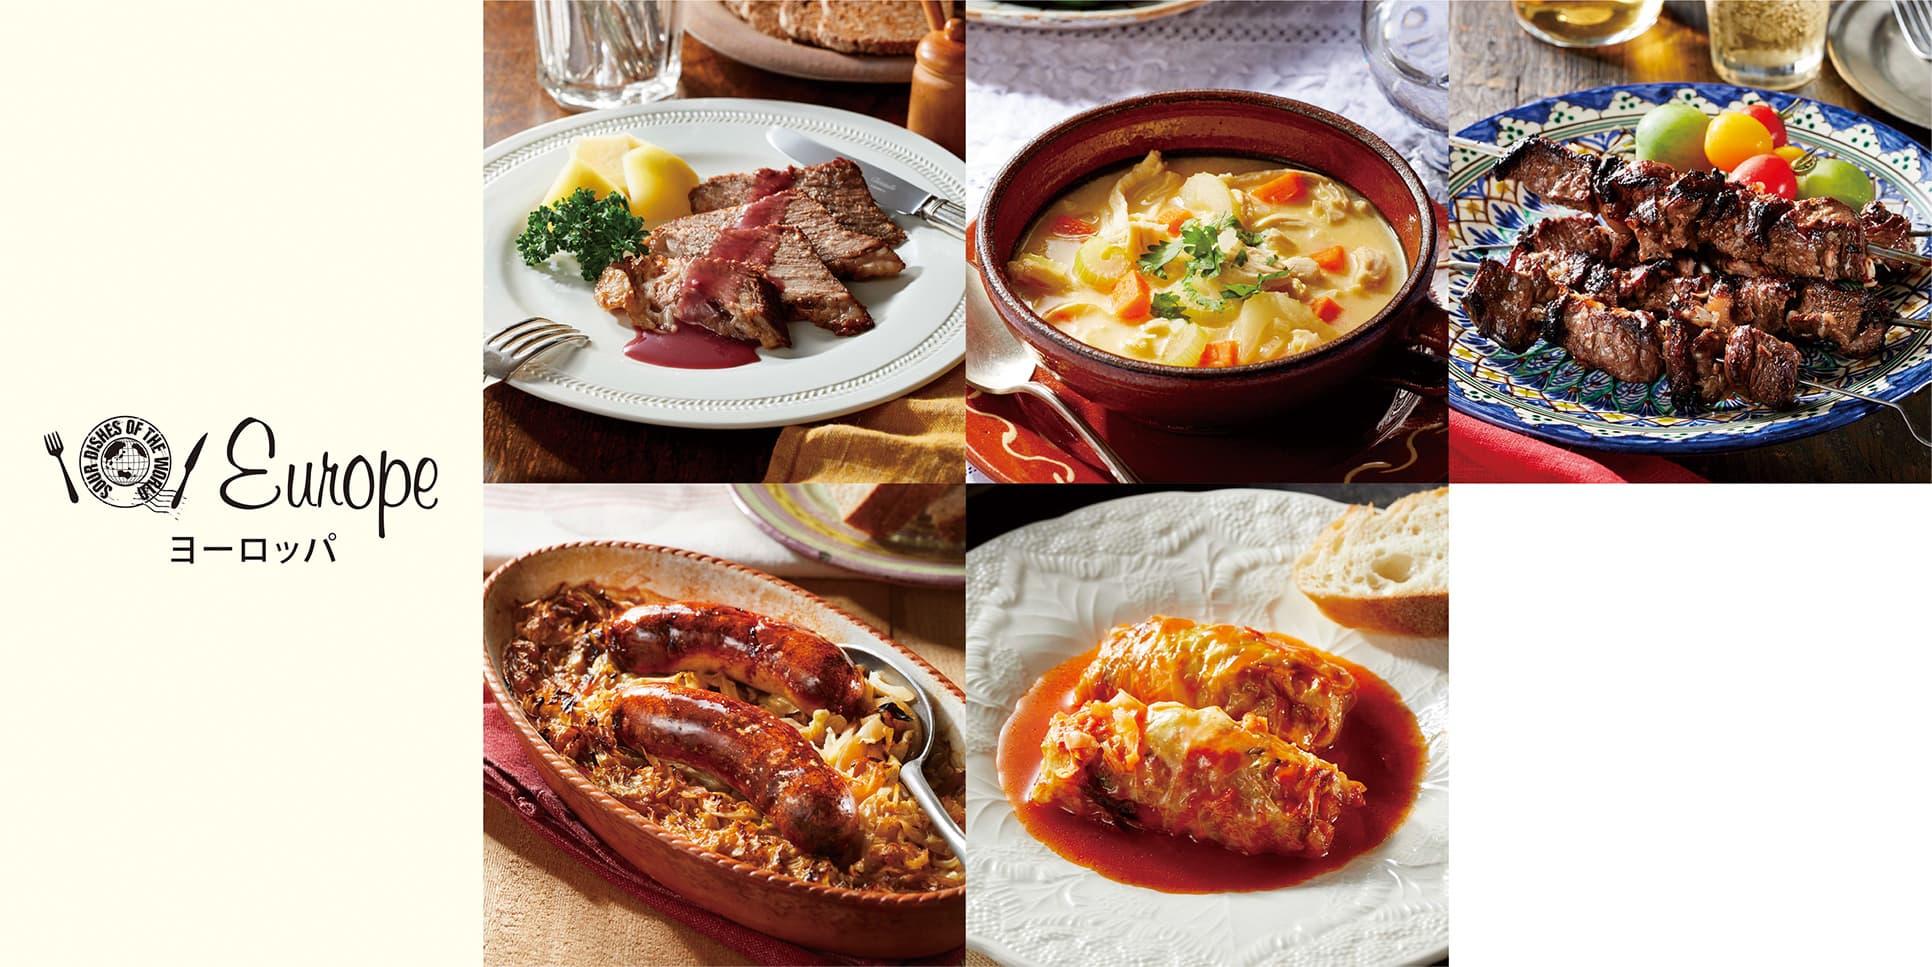 イメージ画像_世界のうまずっぱい料理_大陸の料理一覧_ヨーロッパ編